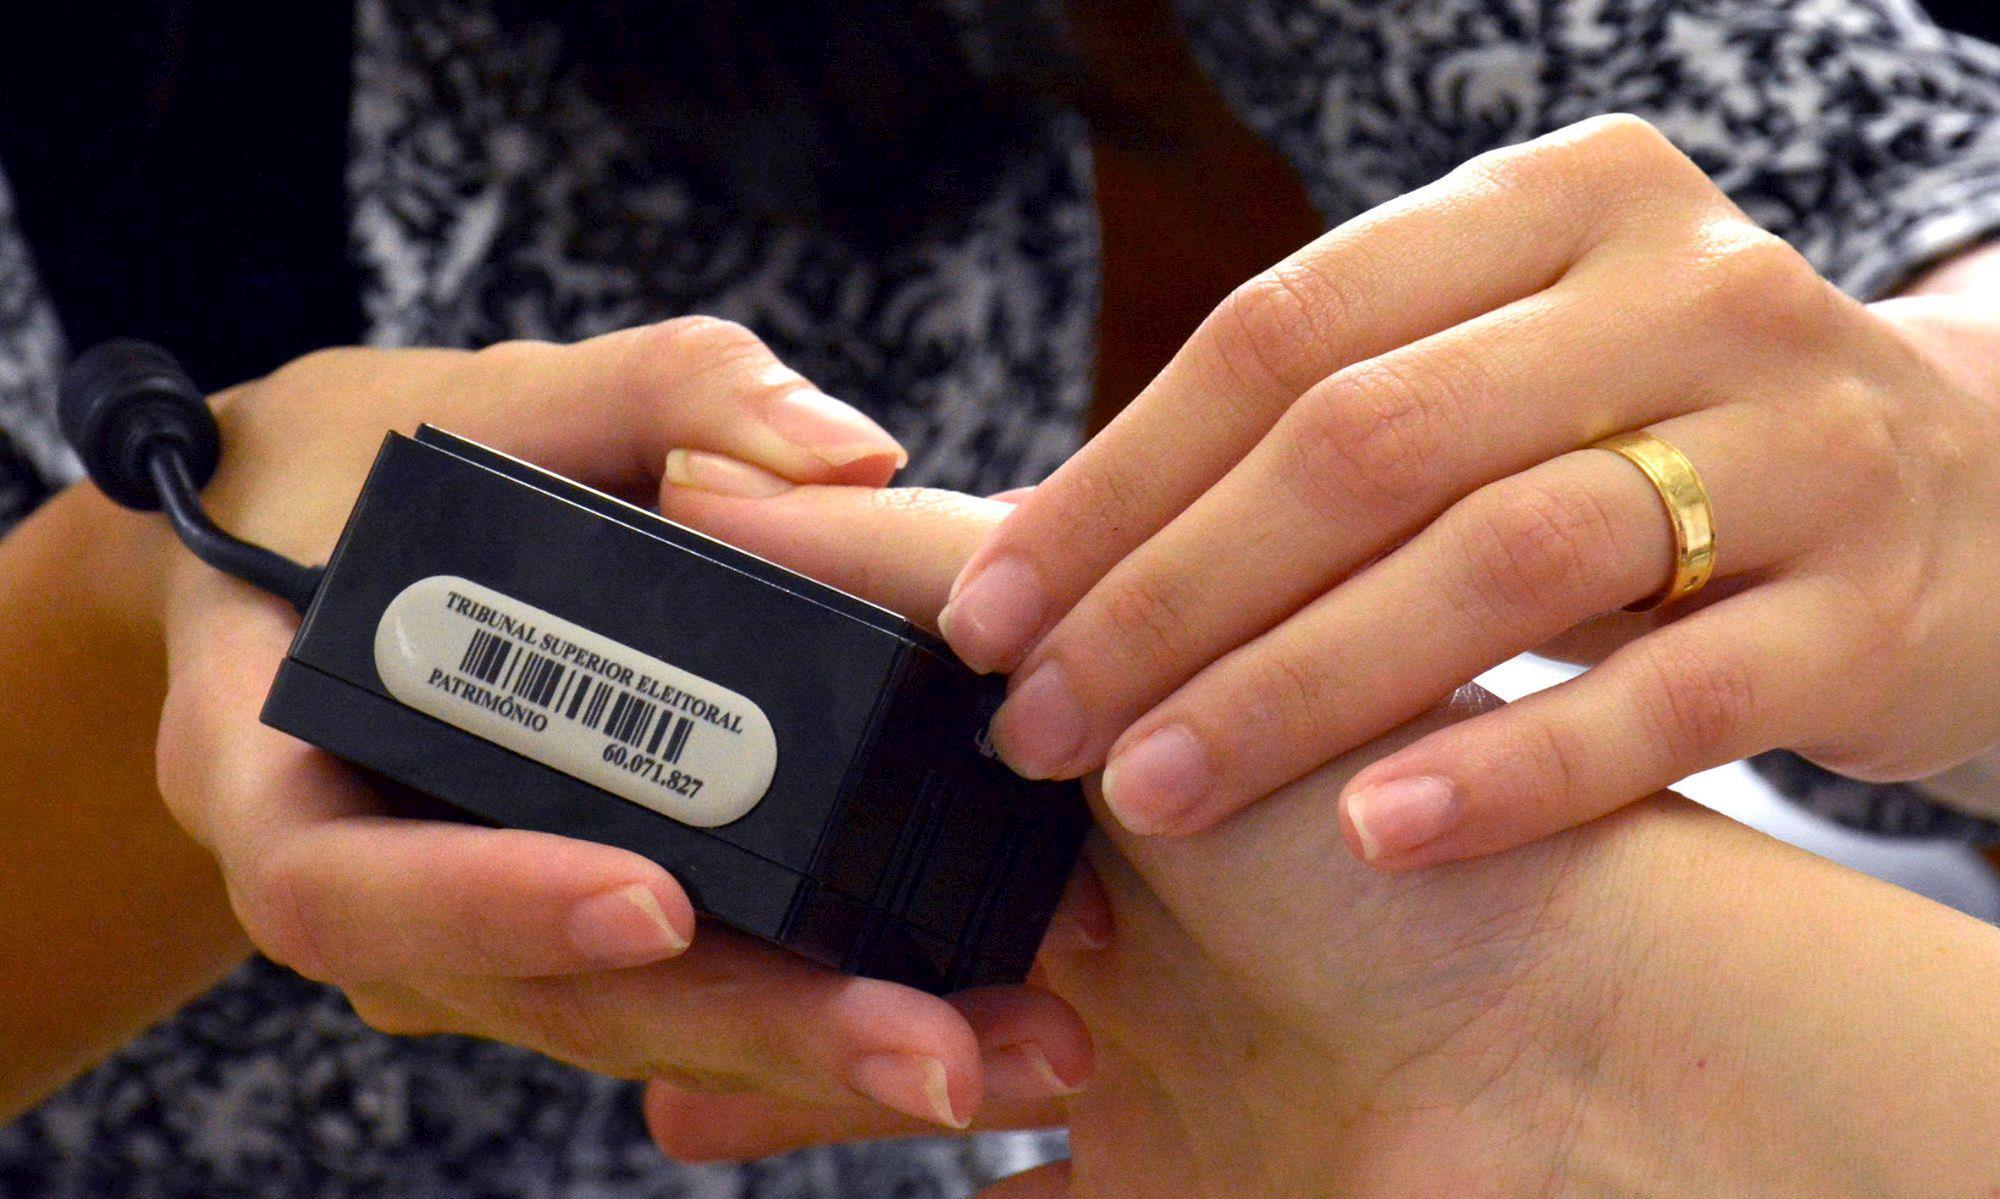 biometria, Foguinho/Imprensa SMetal